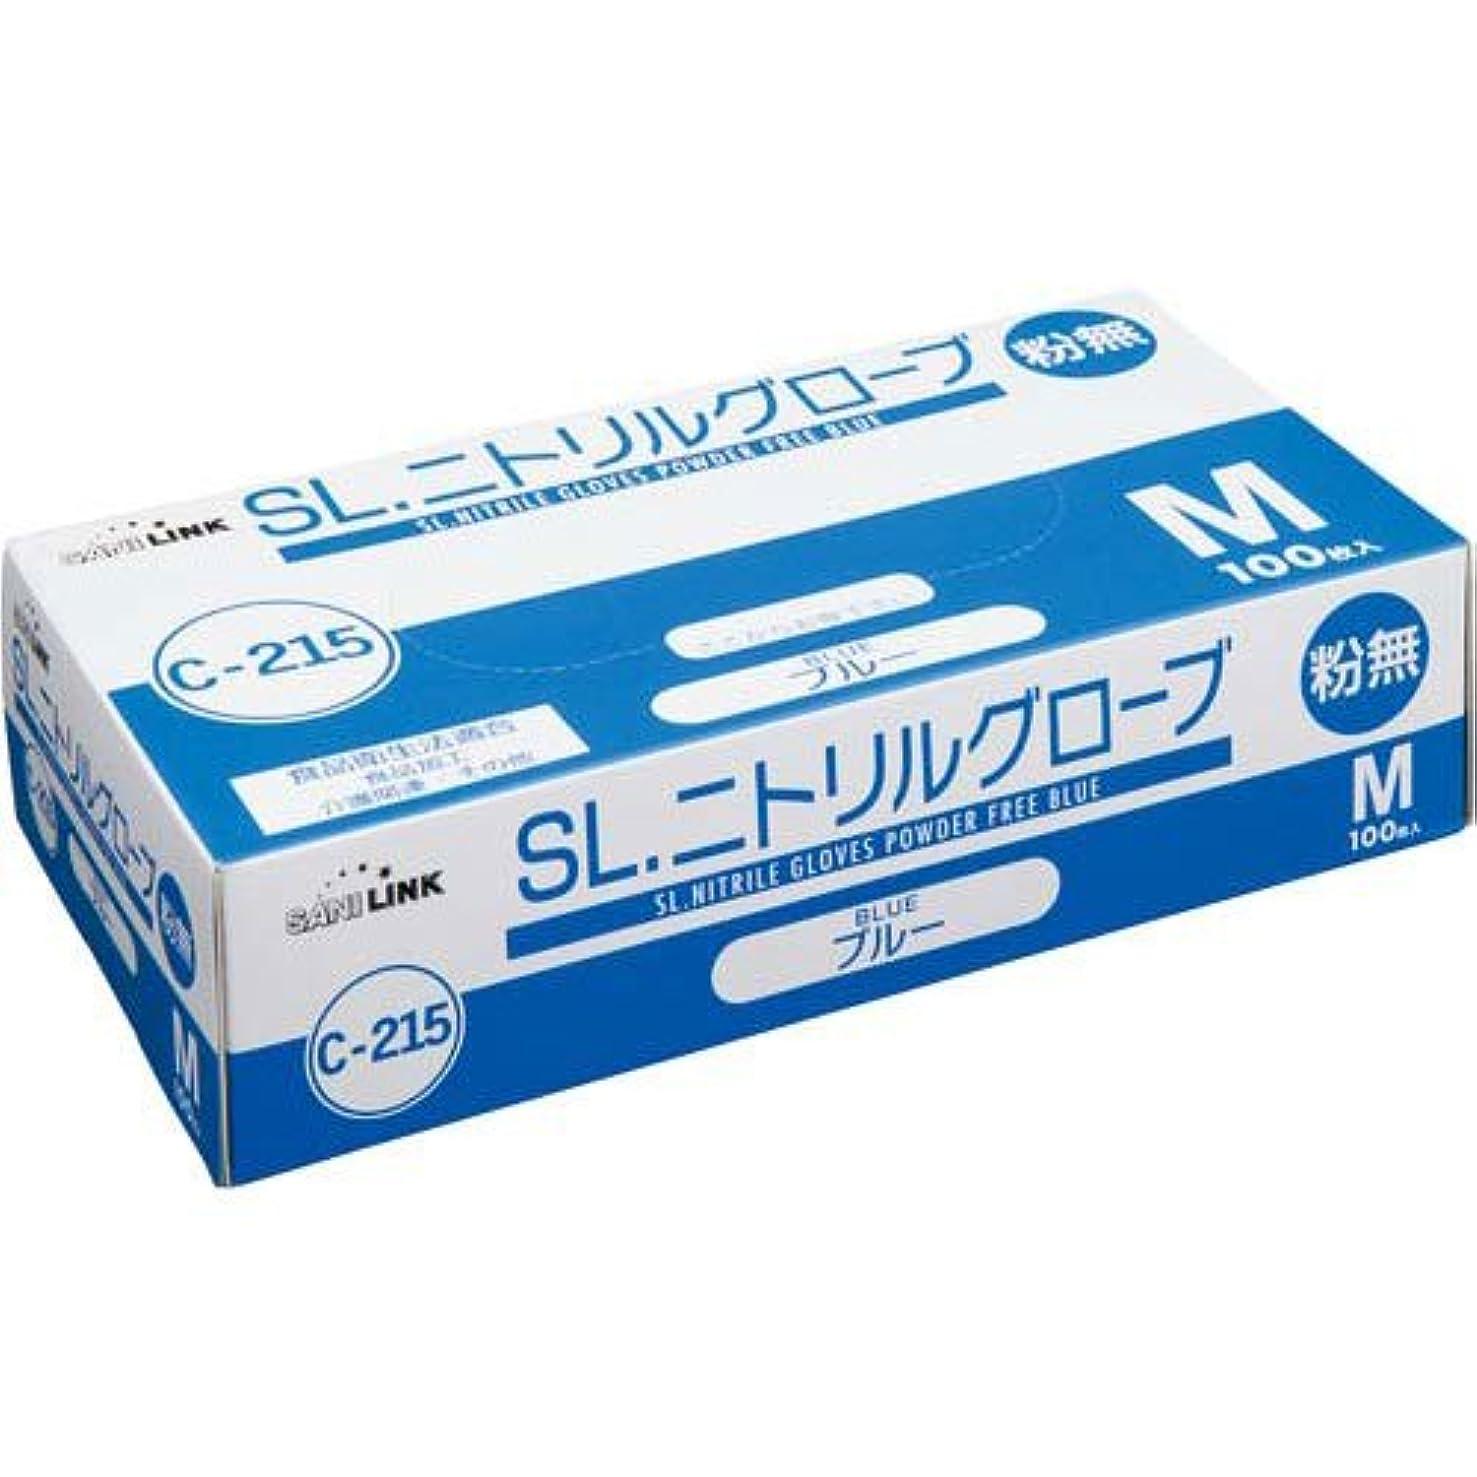 ブルーベルやりがいのある幅フジリンクス ニトリルグローブ粉無Mブルー100枚×10